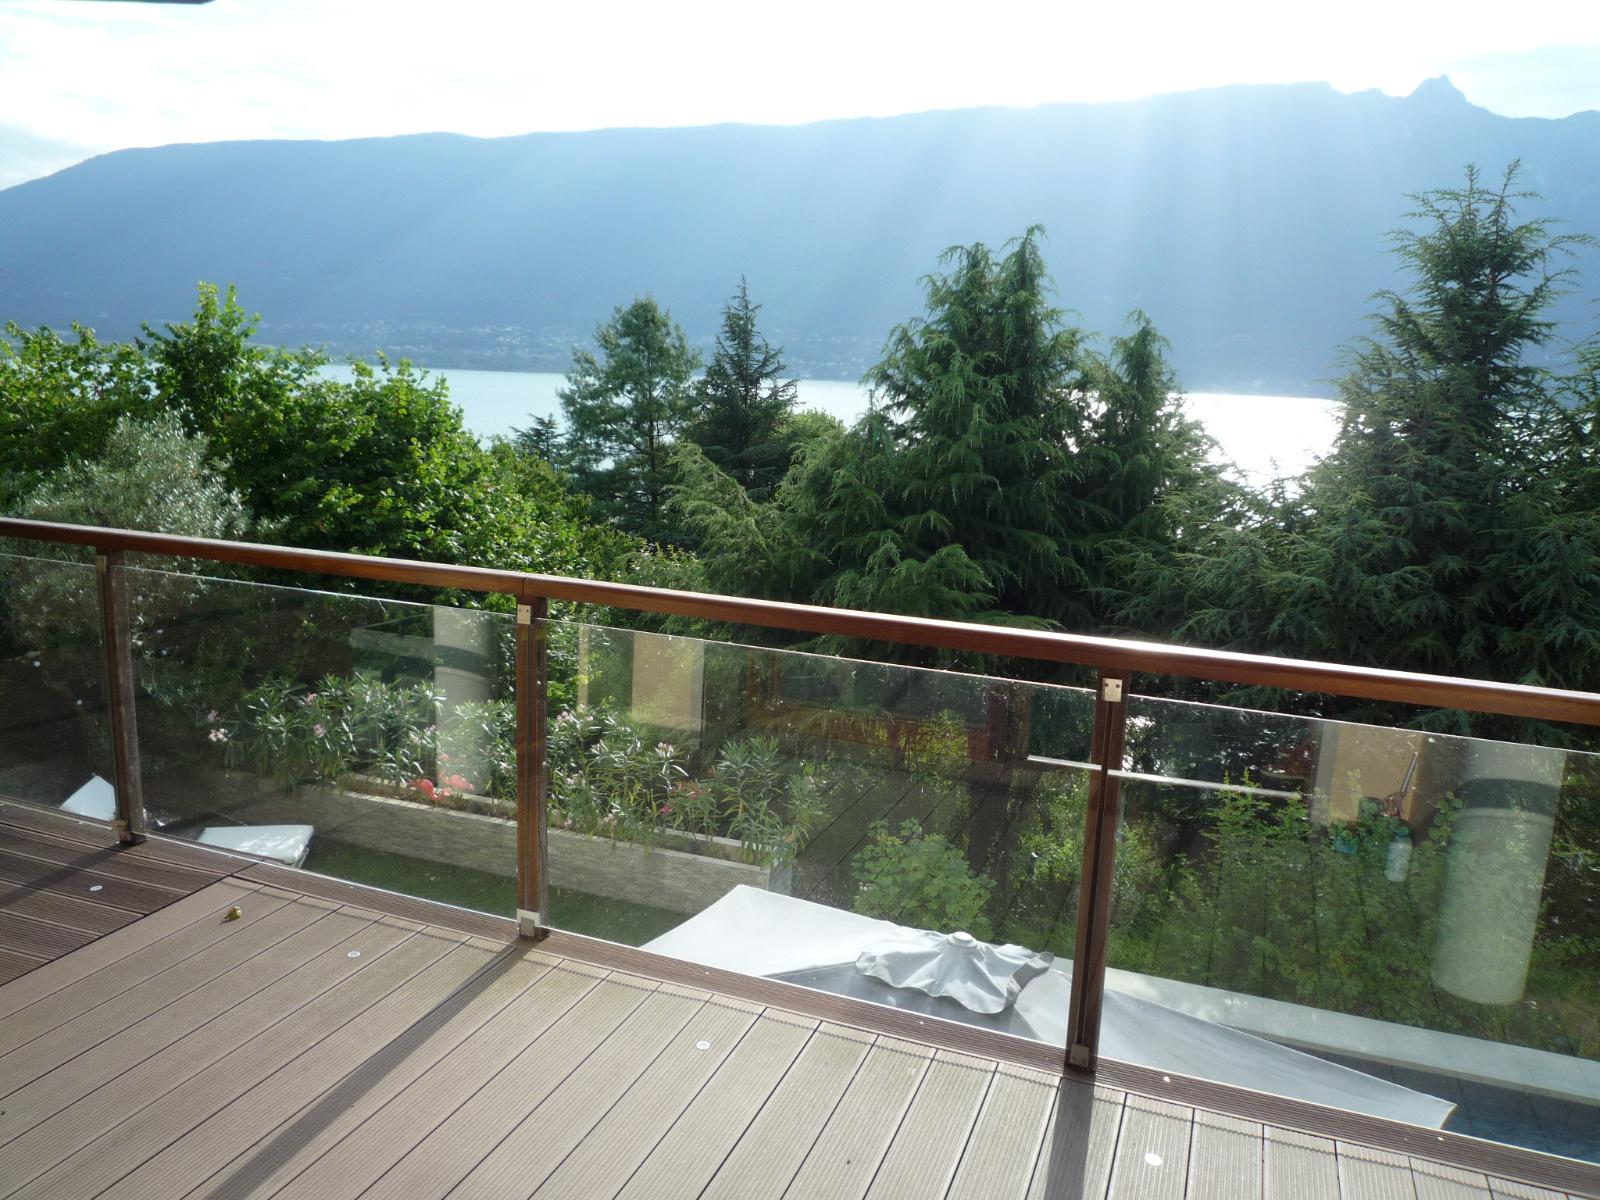 Vente vente maison piscine vue lac proche aix les bains for Piscine aix les bains